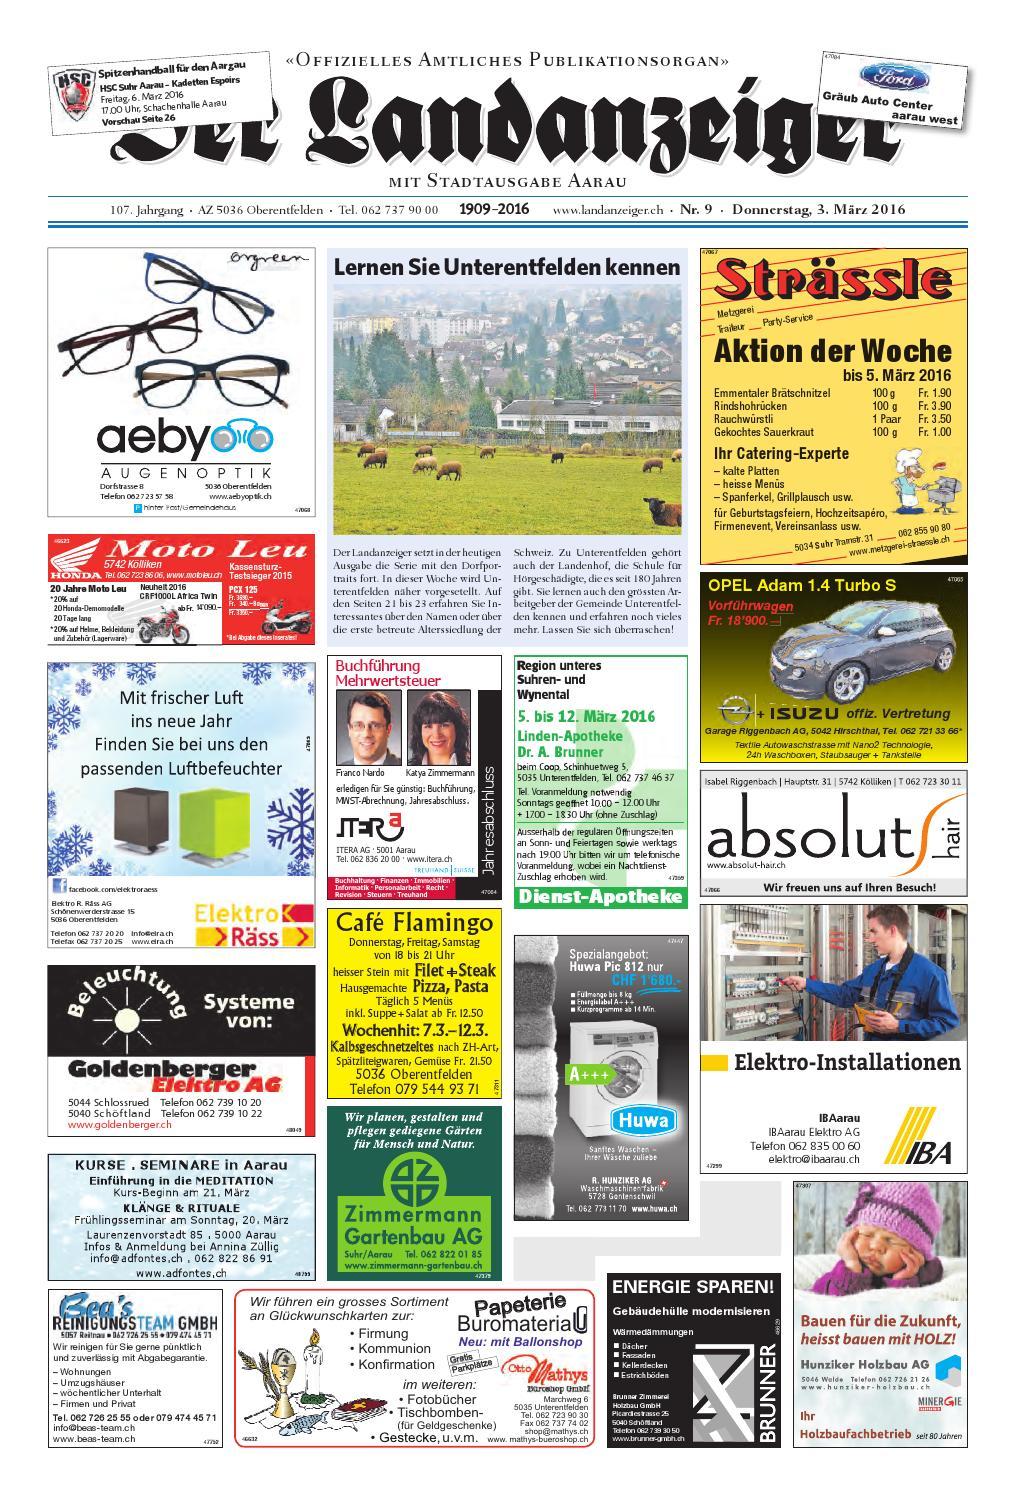 Der Landanzeiger 09 16 By Zt Medien Ag Issuu